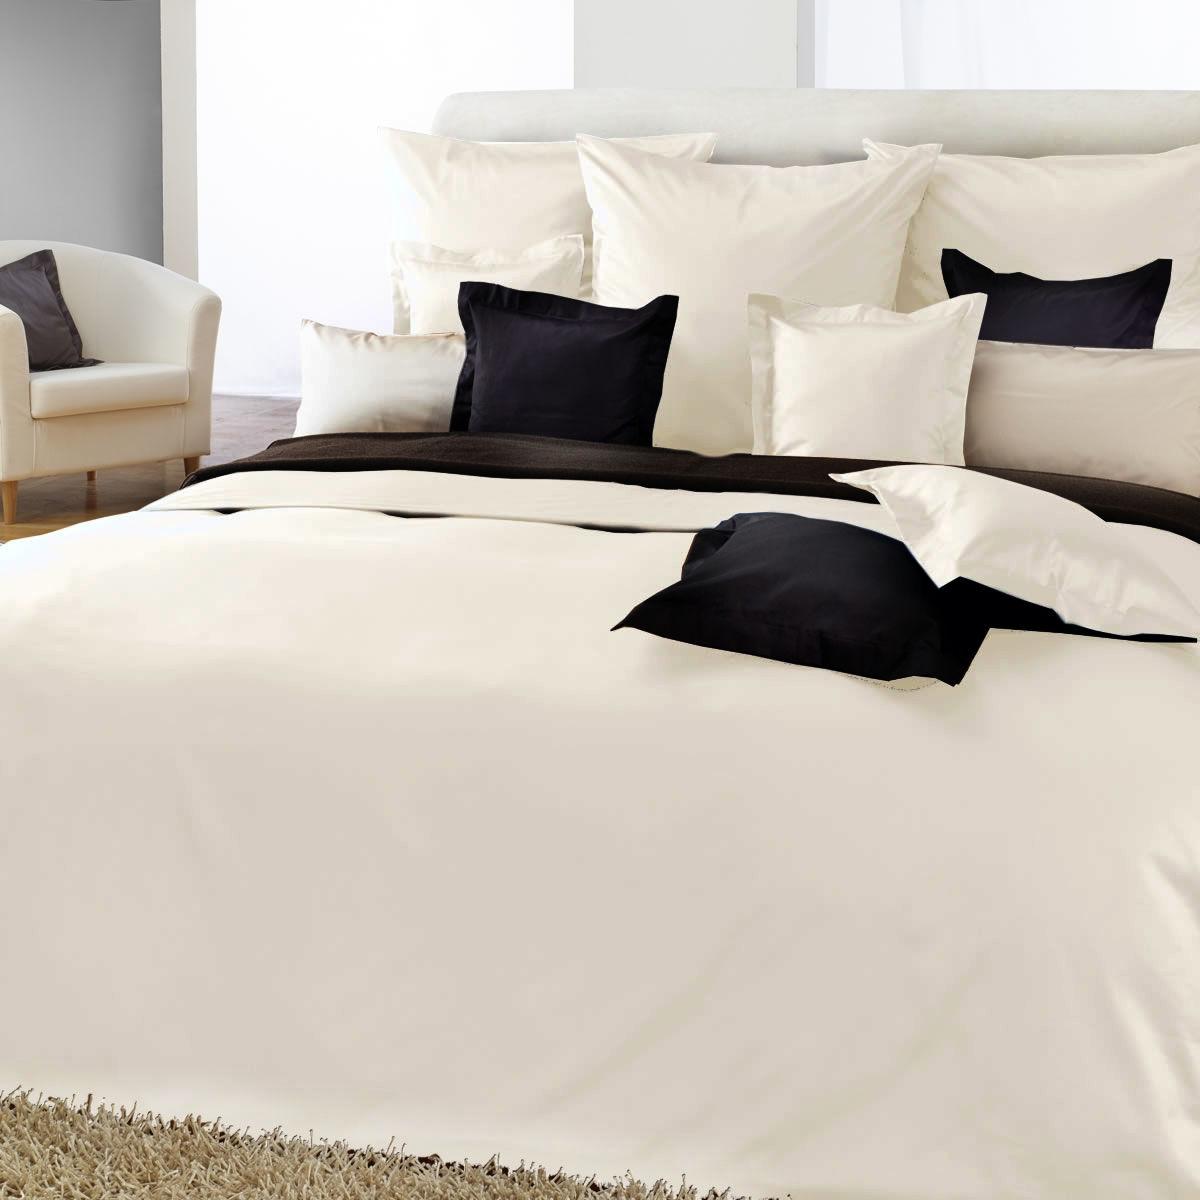 curt bauer uni mako satin bettw sche 135x200 in verschiedenen farben baumwolle ebay. Black Bedroom Furniture Sets. Home Design Ideas